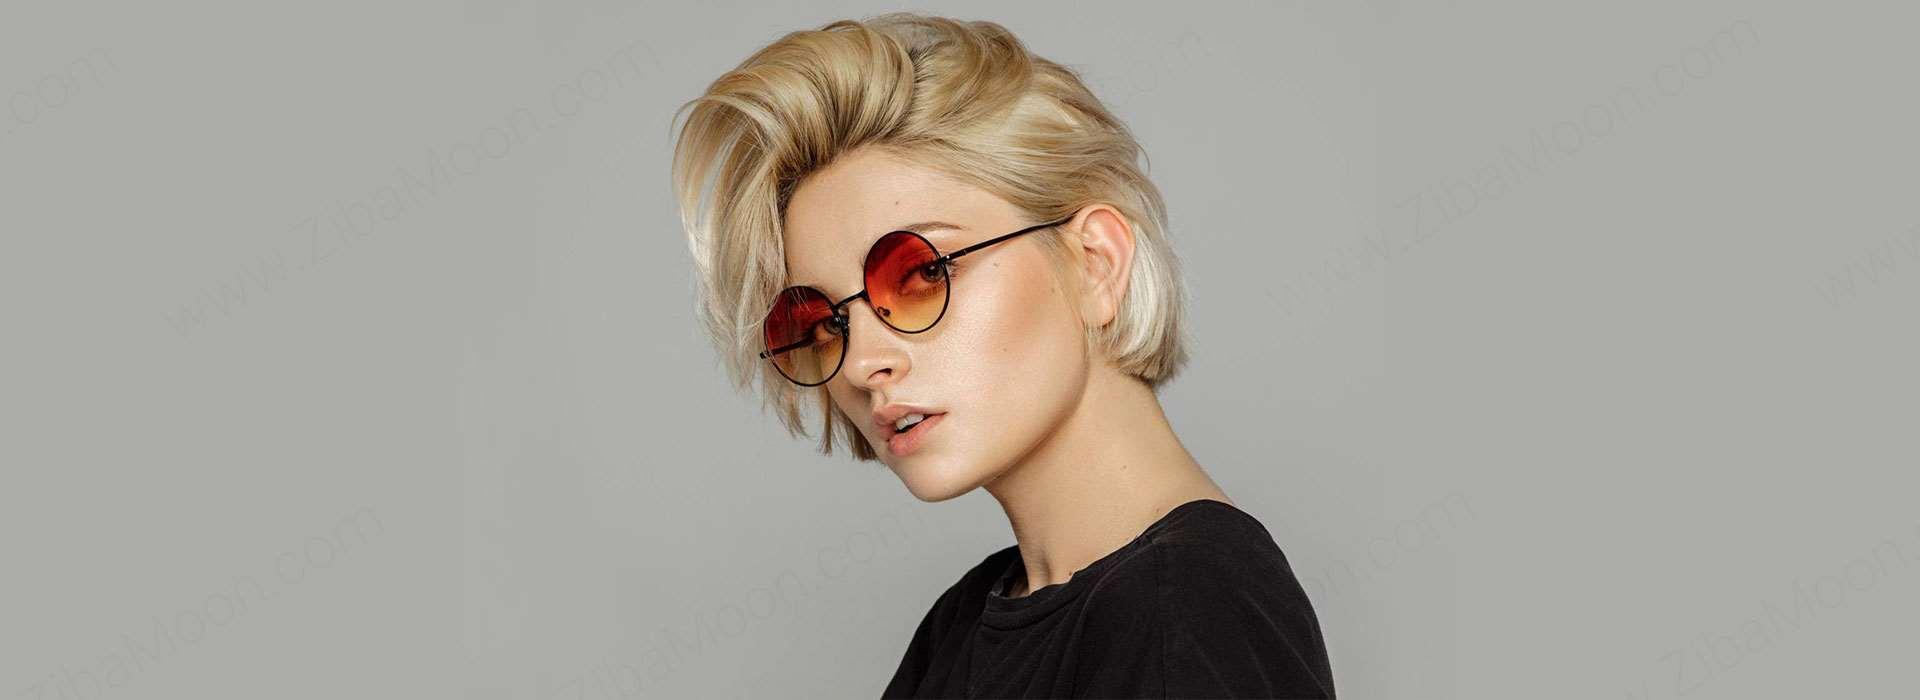 مدل مو کوتاه دخترانه و زنانه برای تابستان 2021